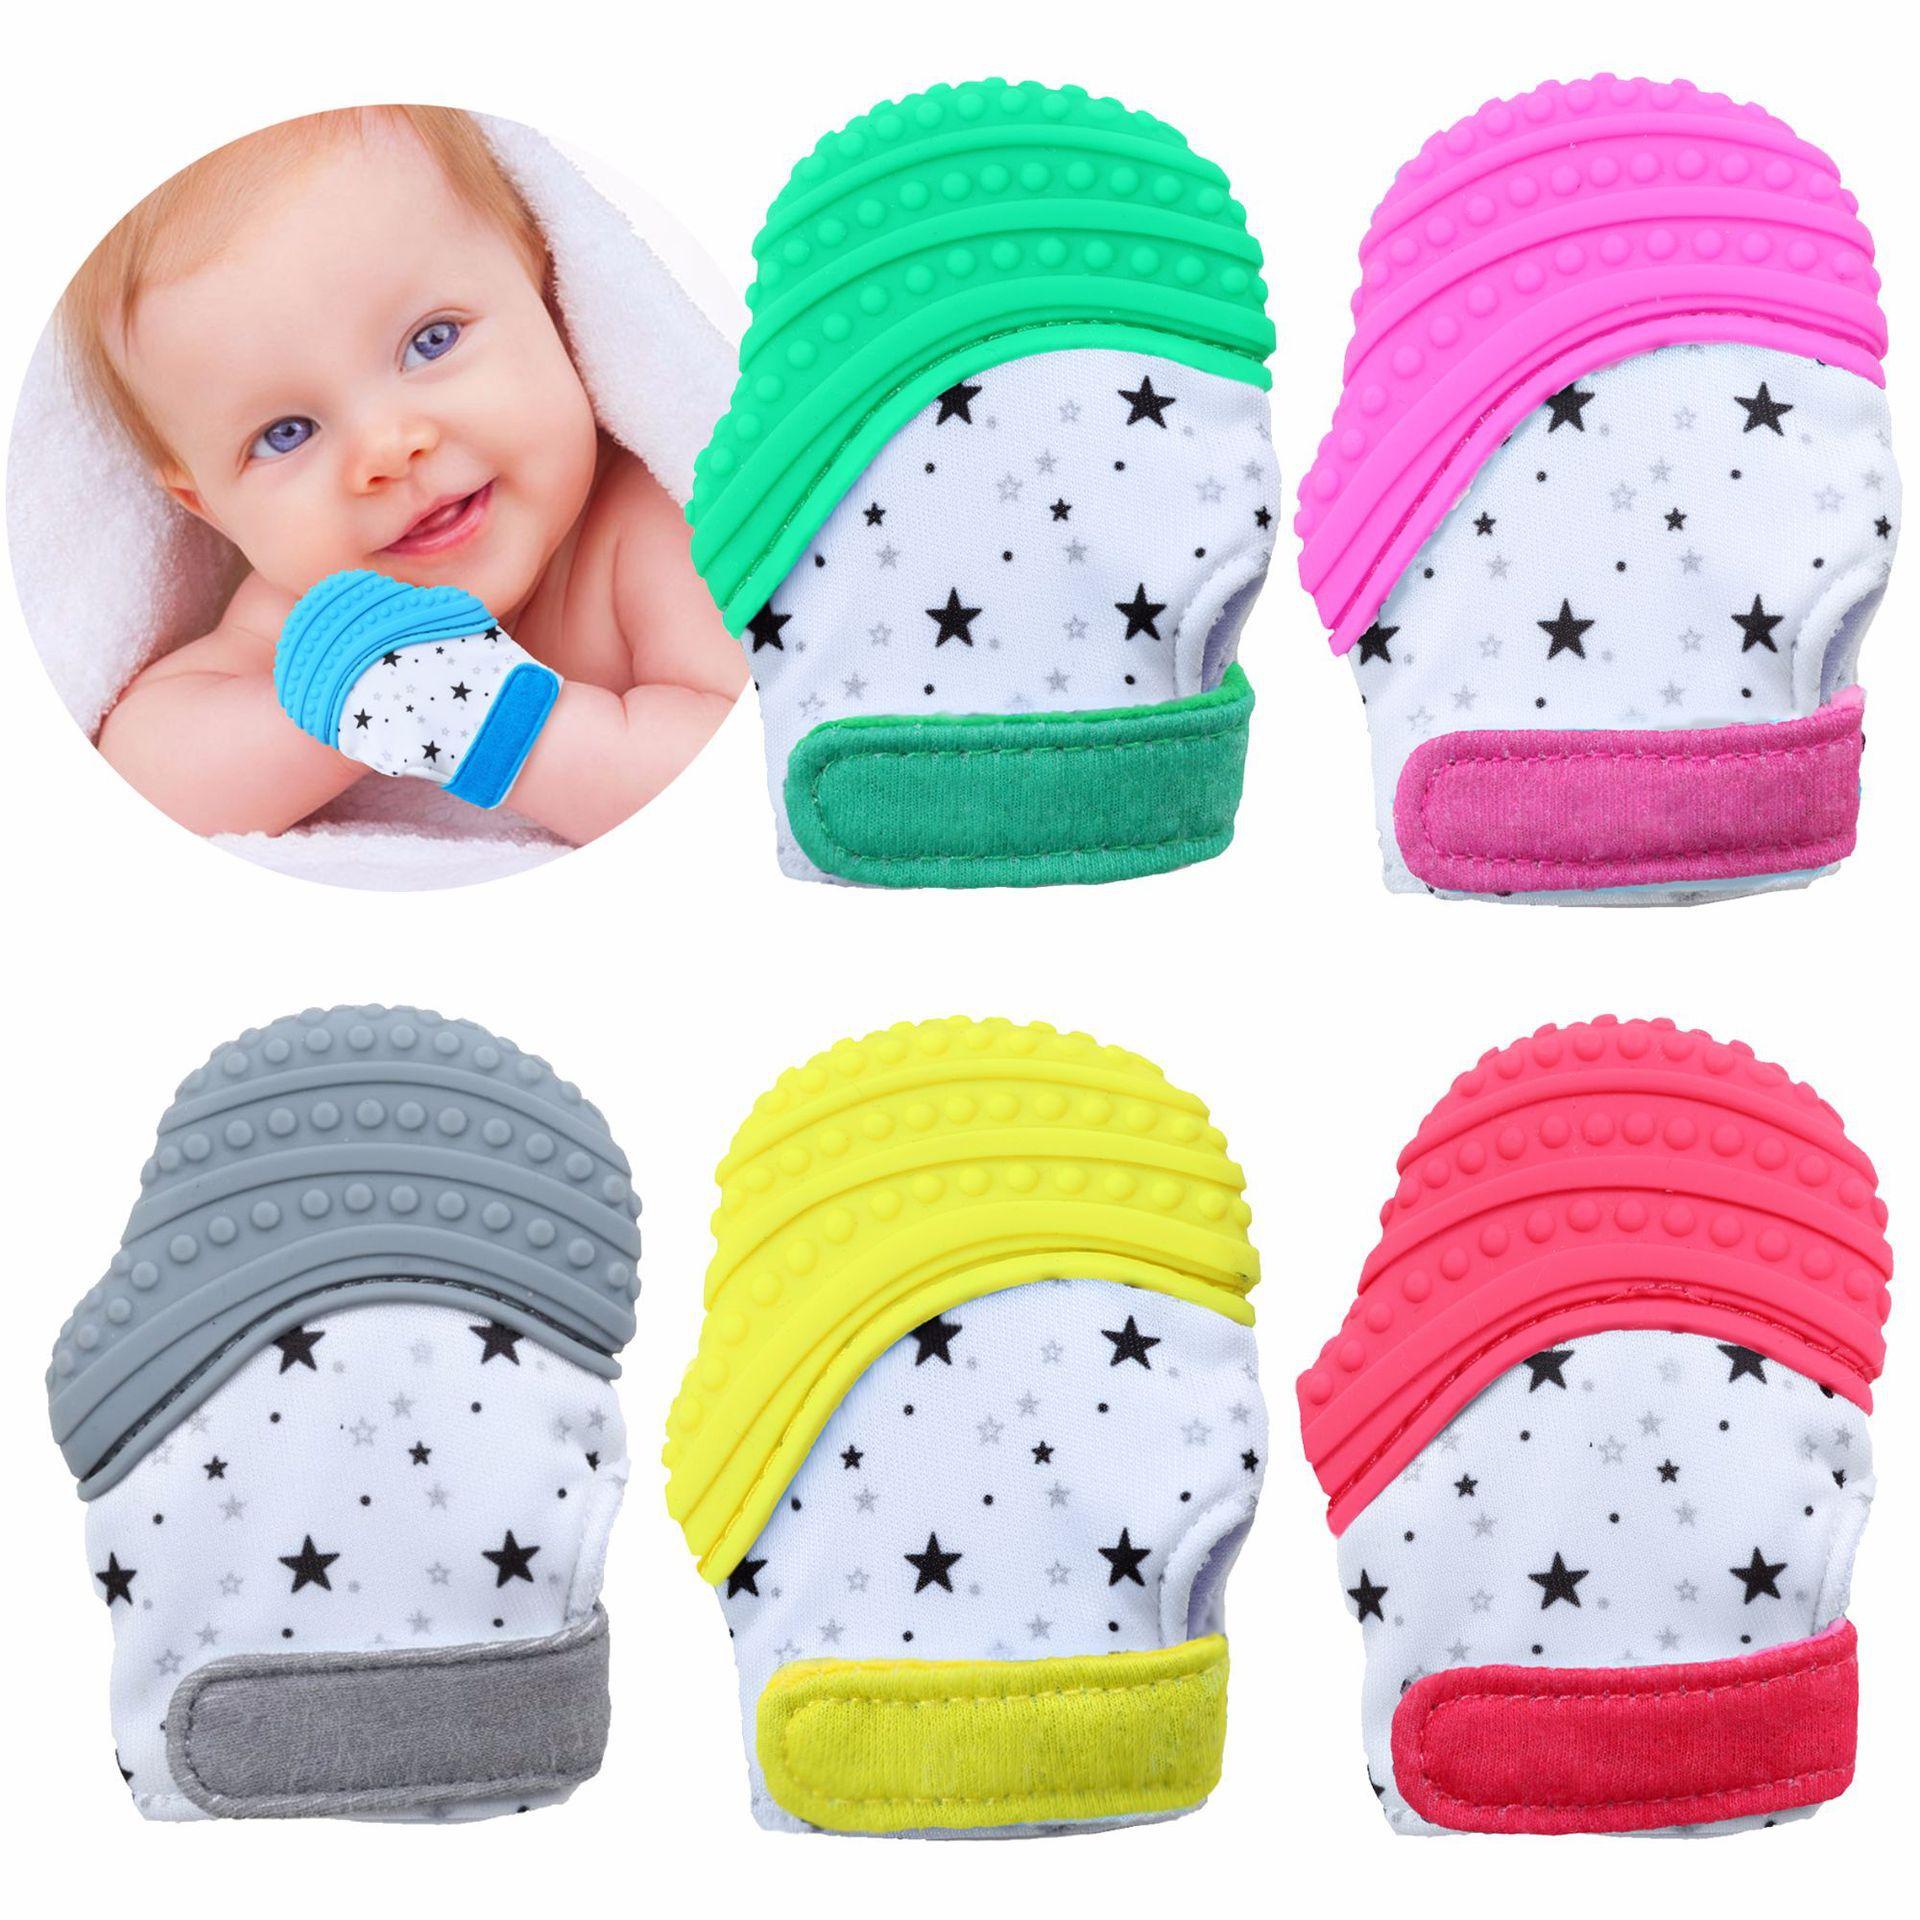 亚马逊热卖 新品防吃手套牙胶婴儿牙胶手套宝宝磨牙